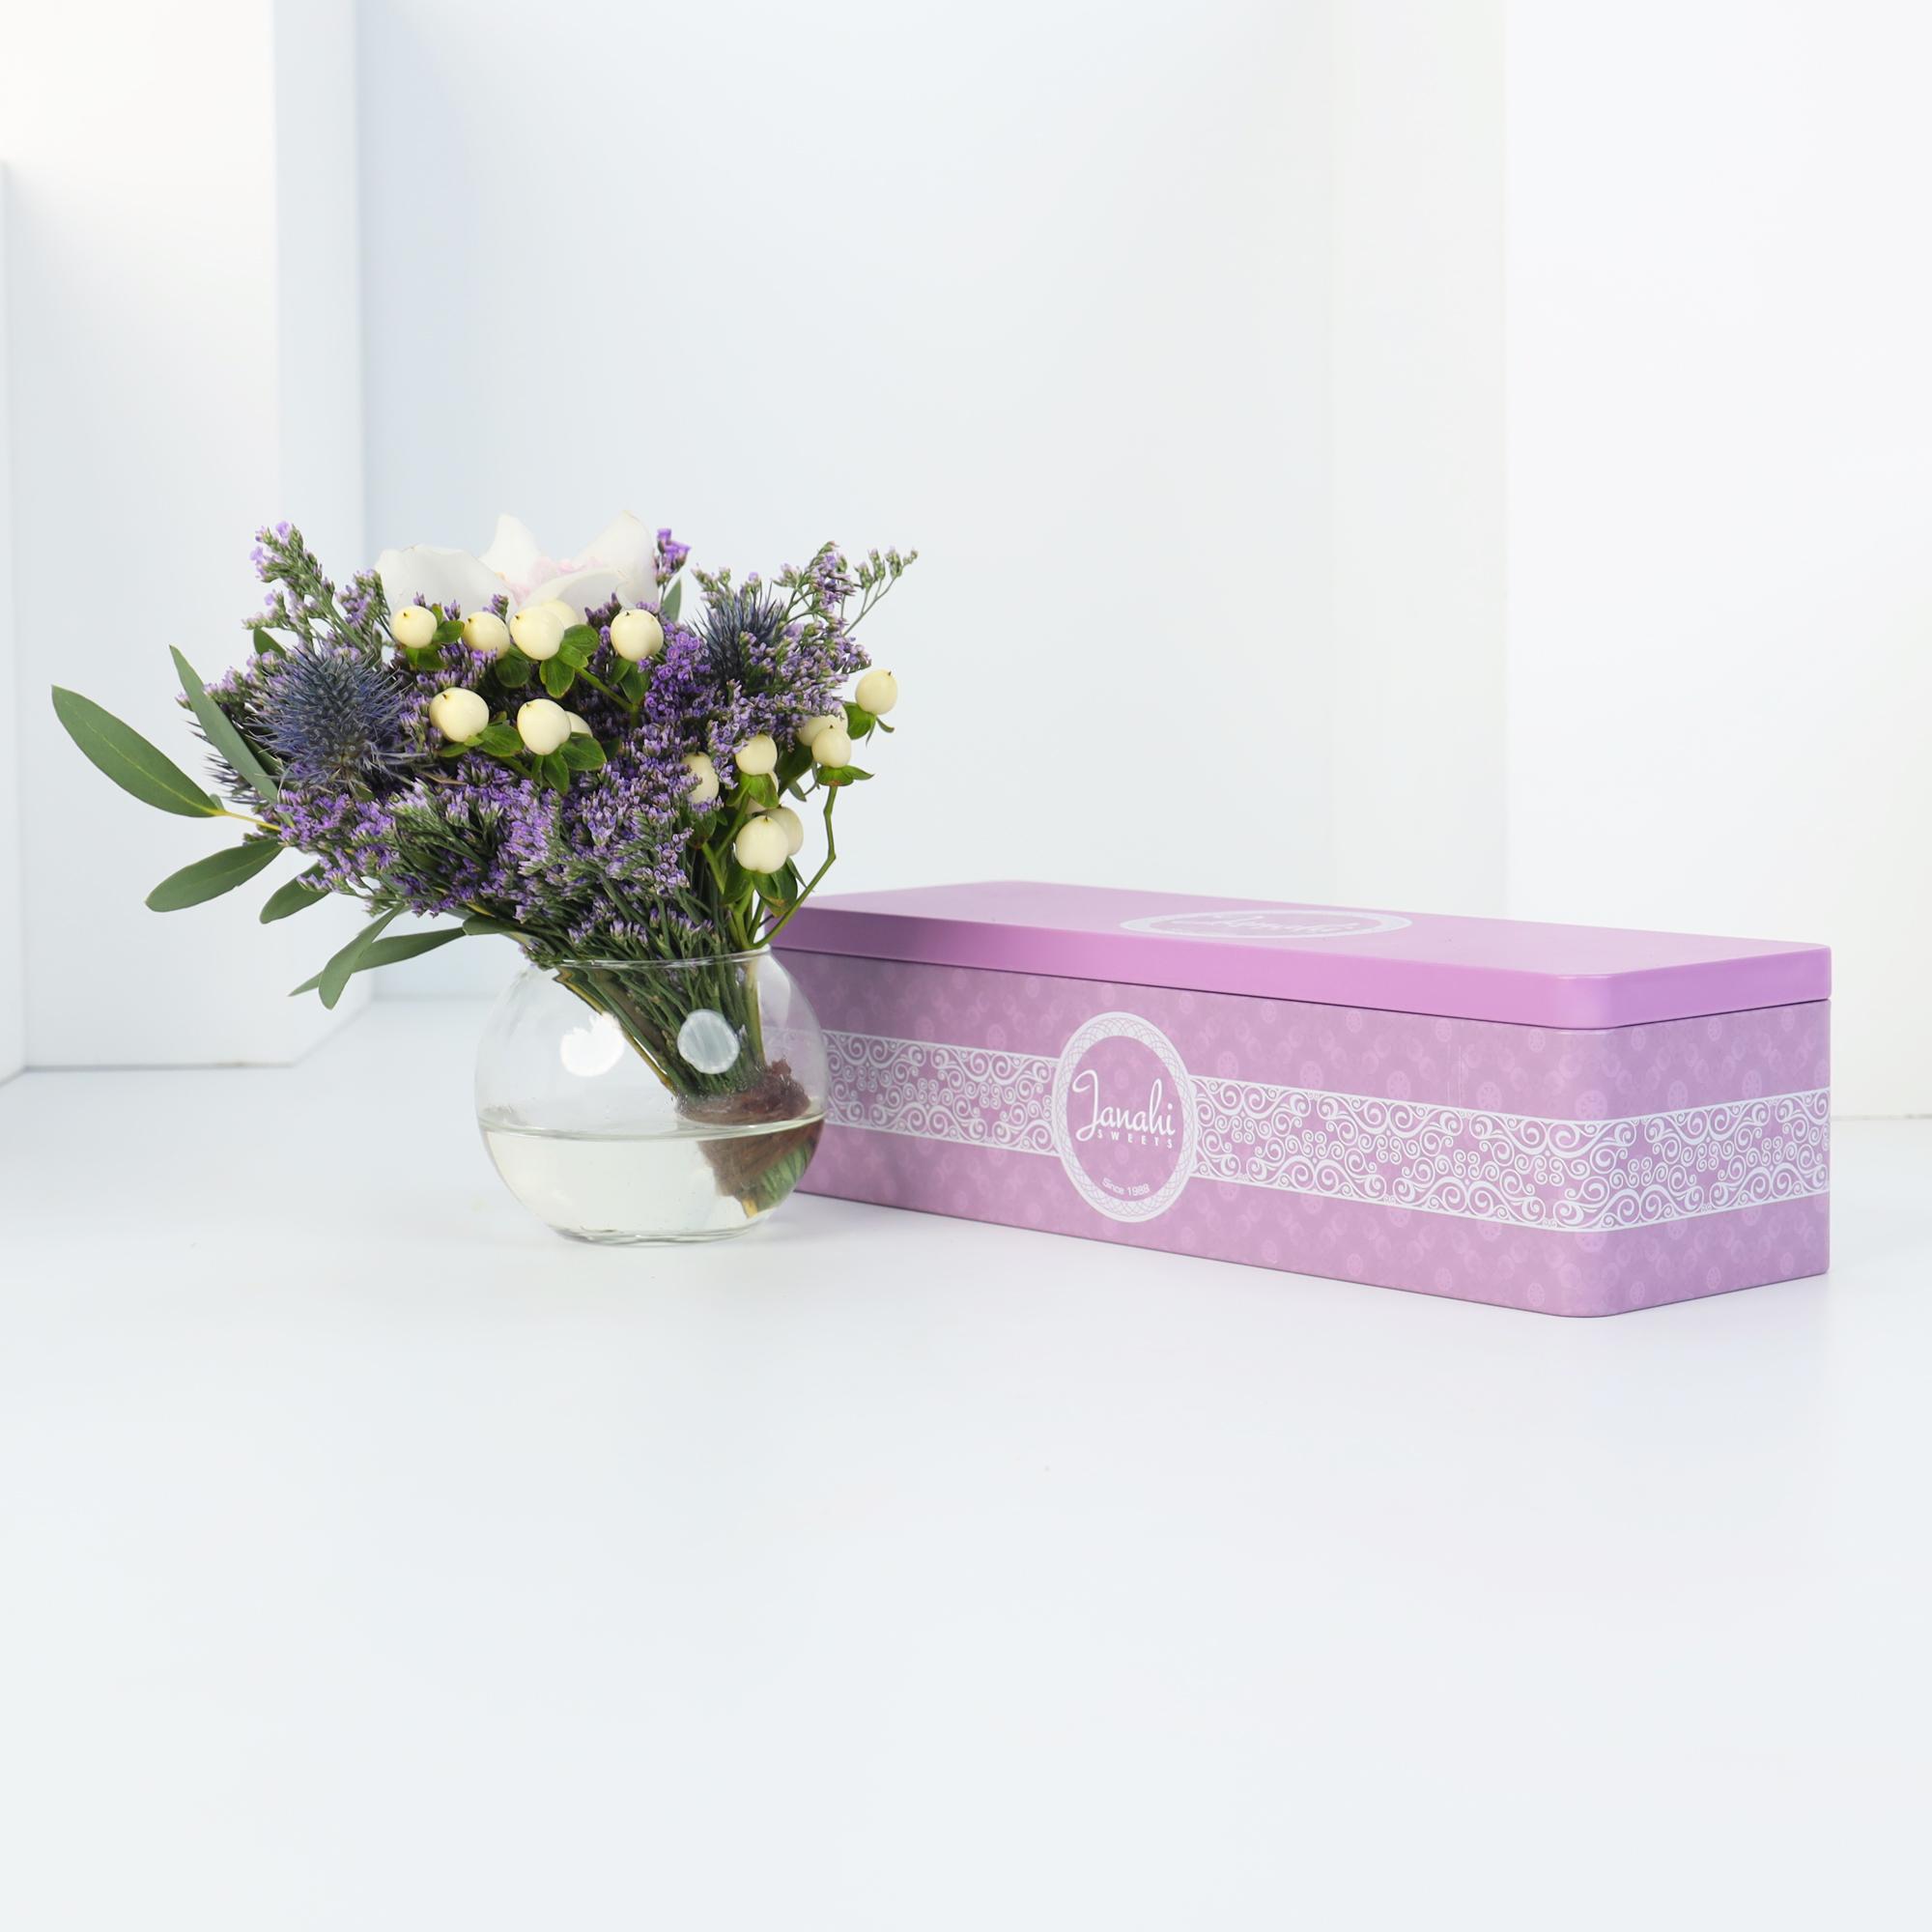 Janahi Sweet's Lilac Box